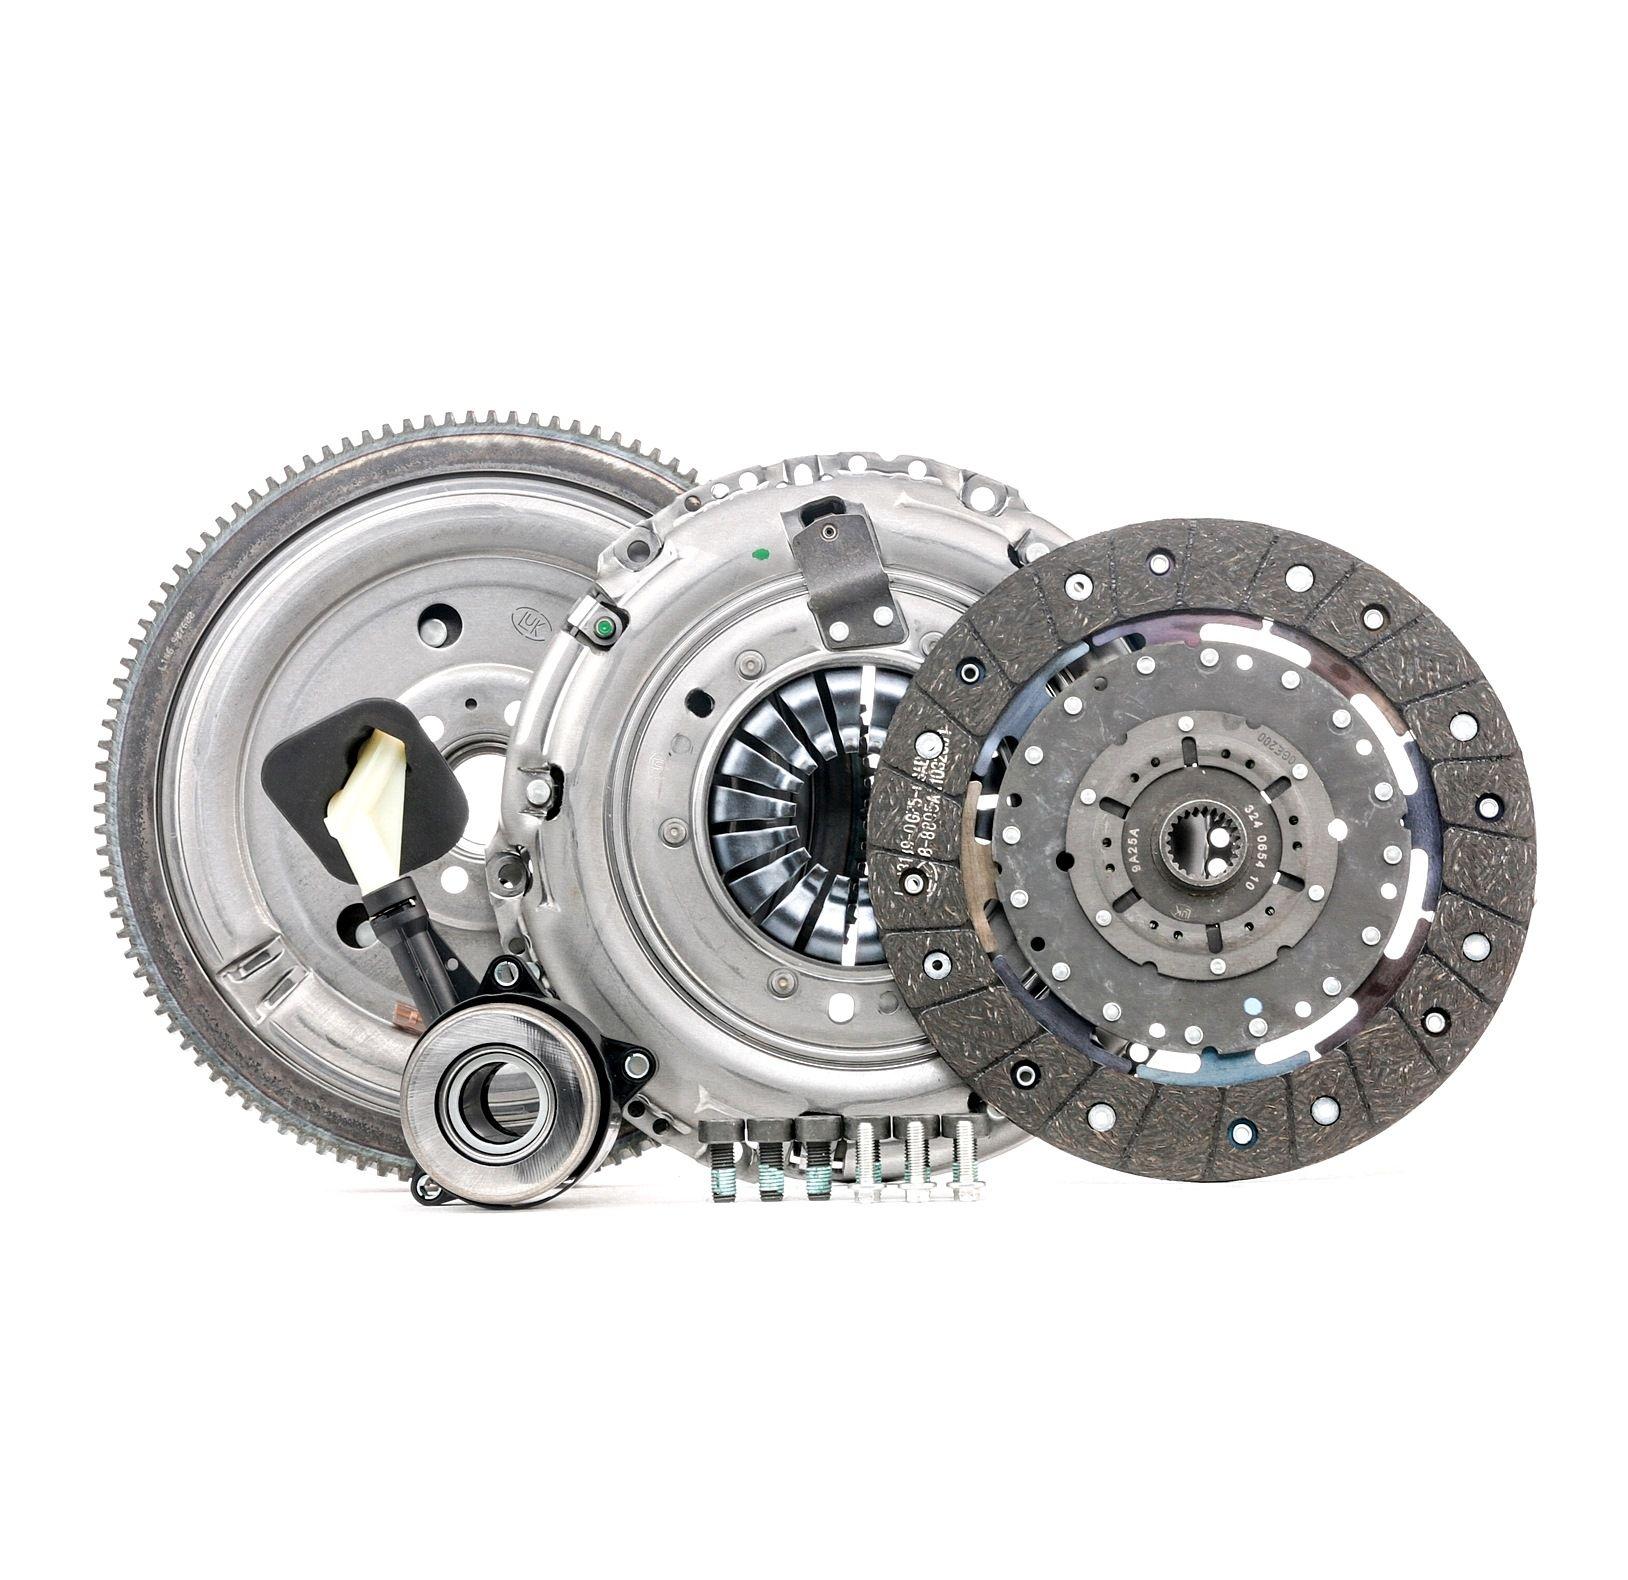 Комплект съединител 600 0200 00 Ford C-Max dm2 Г.П. 2007 — получете Вашата отстъпка сега!